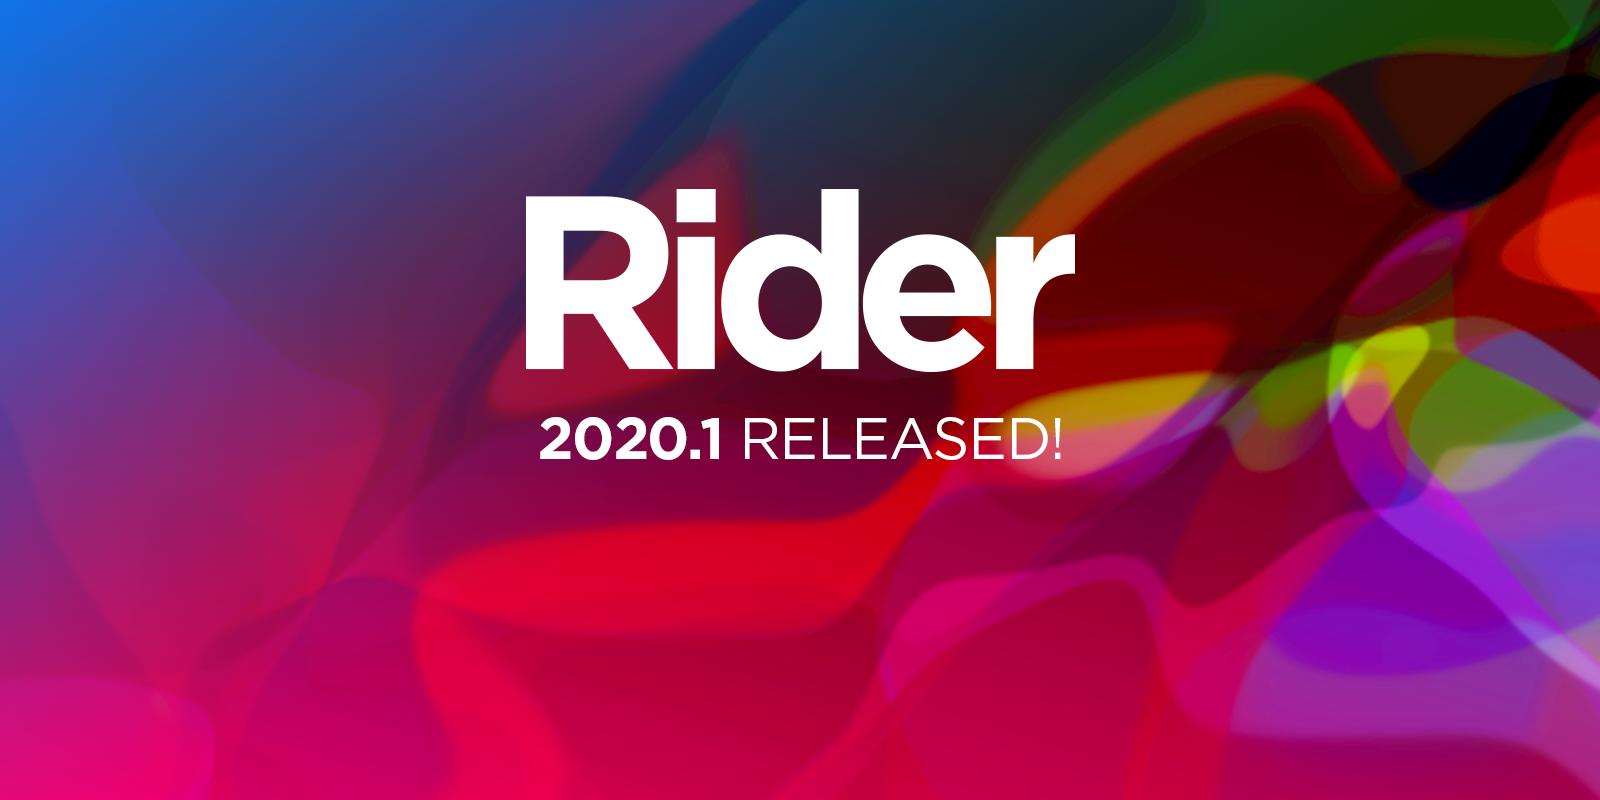 Rider 2020.1